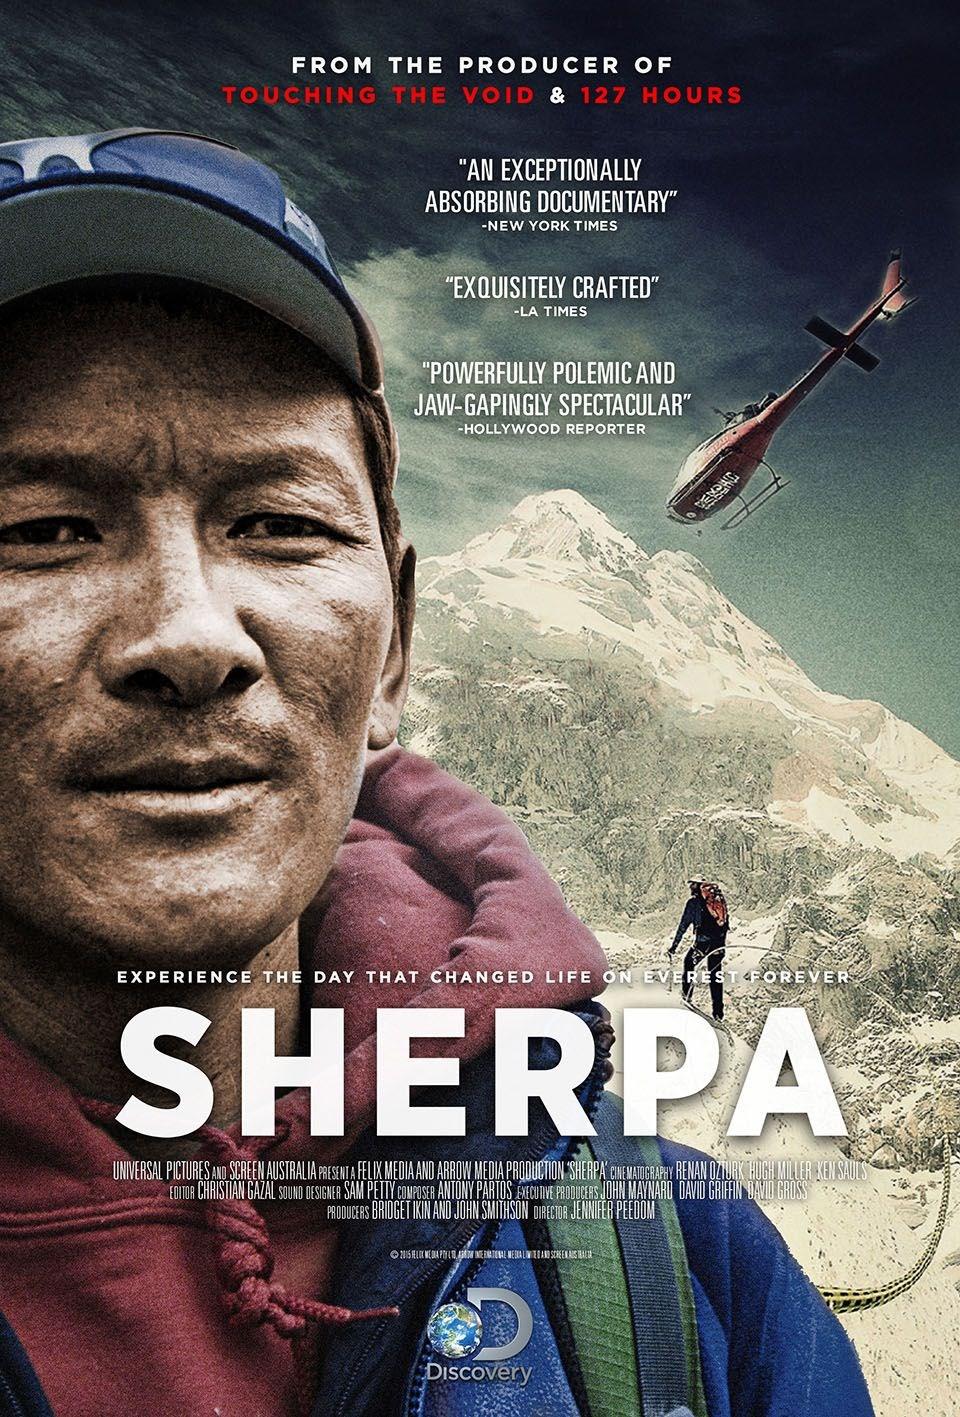 en iyi dağcılık filmleri, en güzel dağcılık filmleri, tırmanış filmleri, sherpa